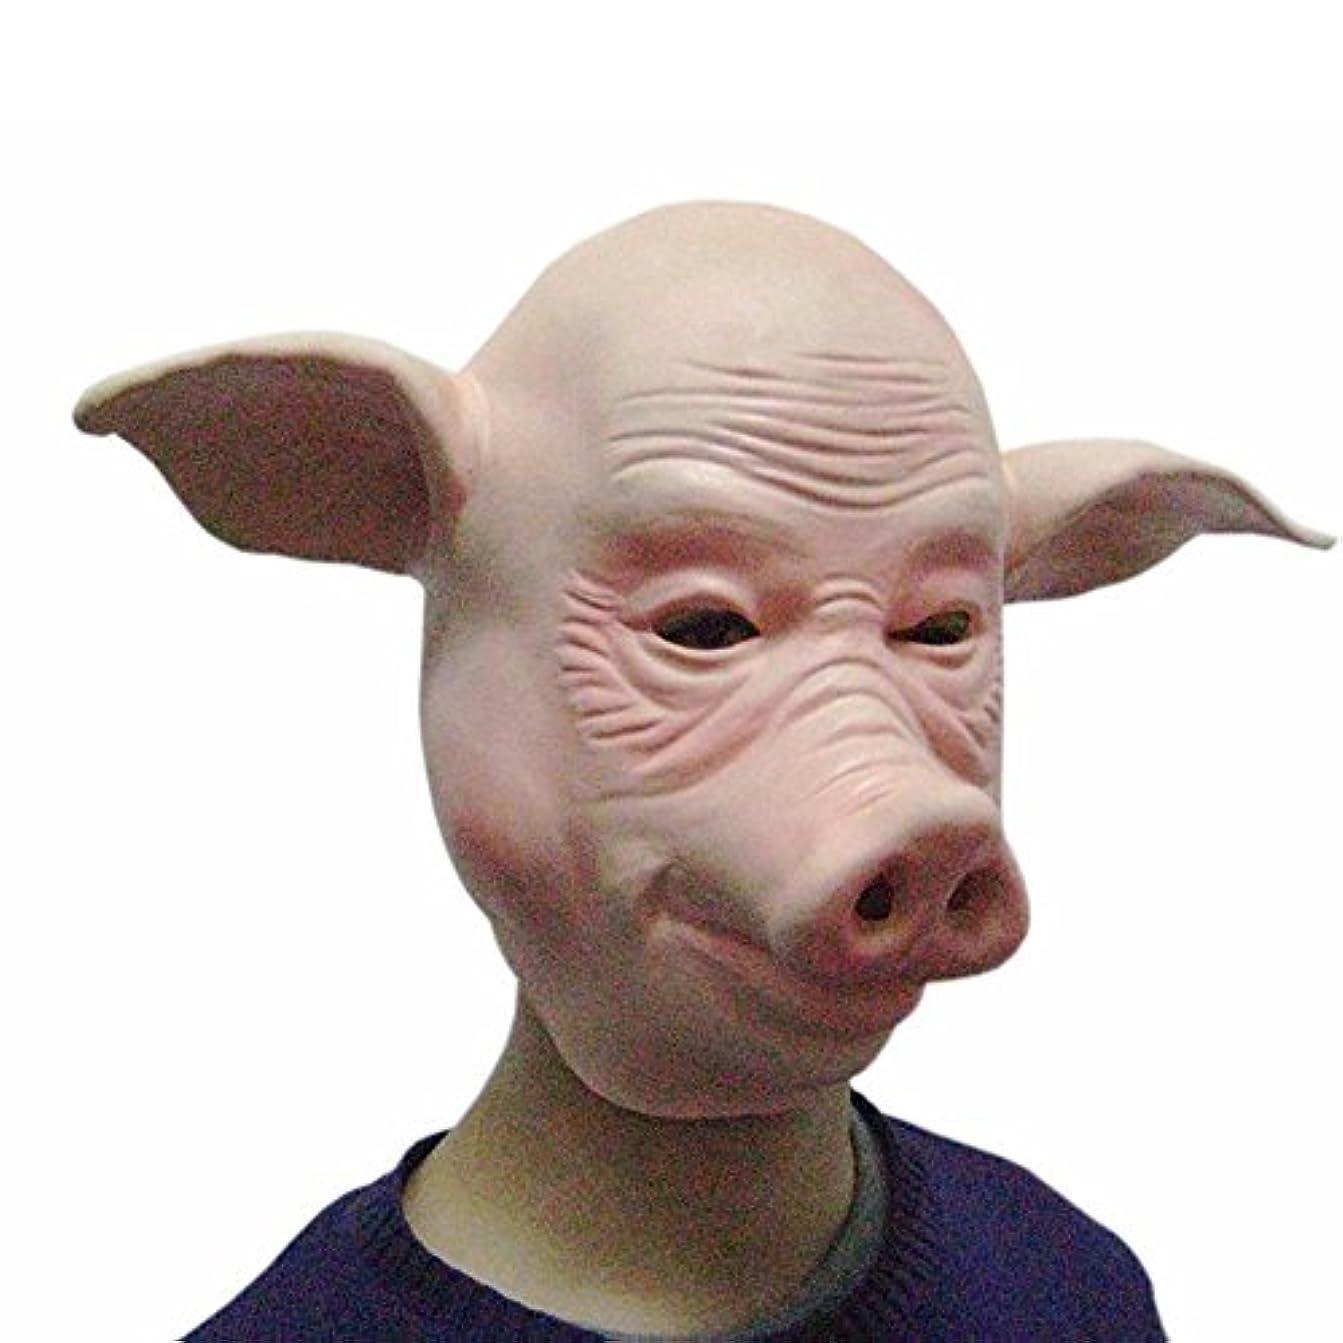 未満畝間悔い改める仮装ショー用品ハロウィーン豚フェイスマスク豚ヘッドマスク豚マスクハゲ豚マスク